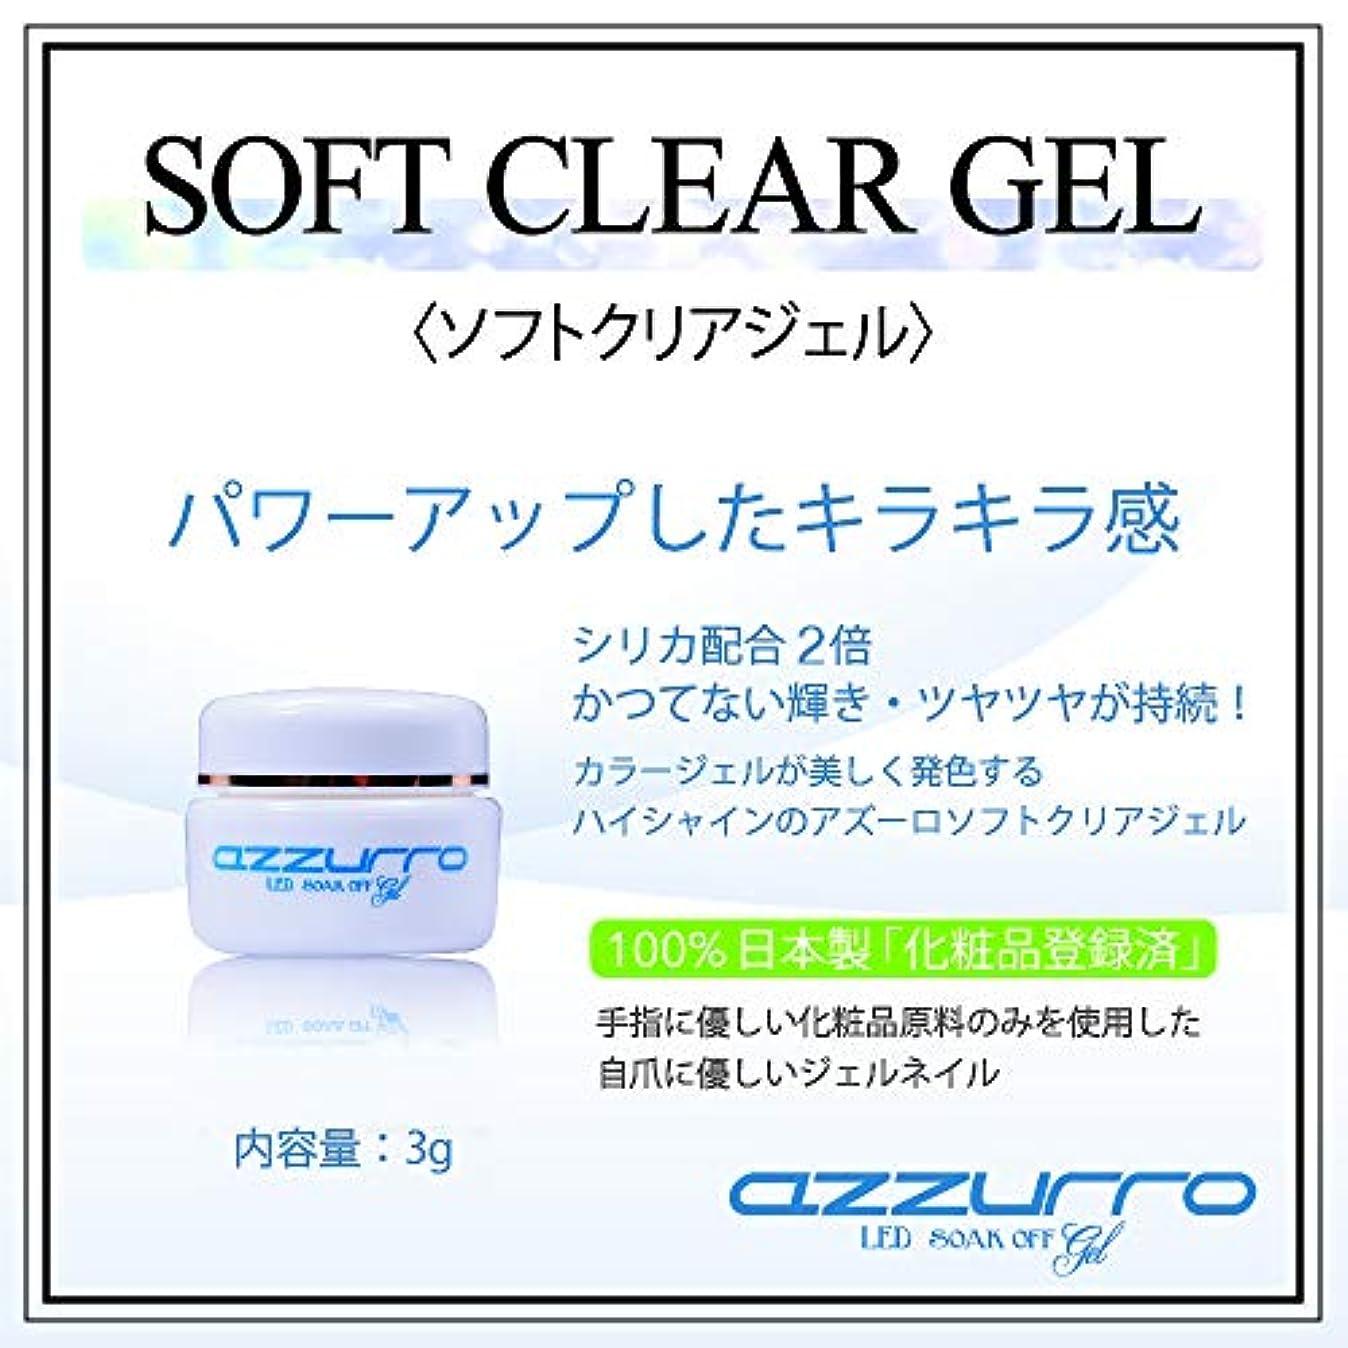 眉考古学的なモトリーazzurro gel アッズーロ ソフトクリアージェル ツヤツヤ キラキラ感持続 抜群のツヤ 爪に優しい日本製 3g